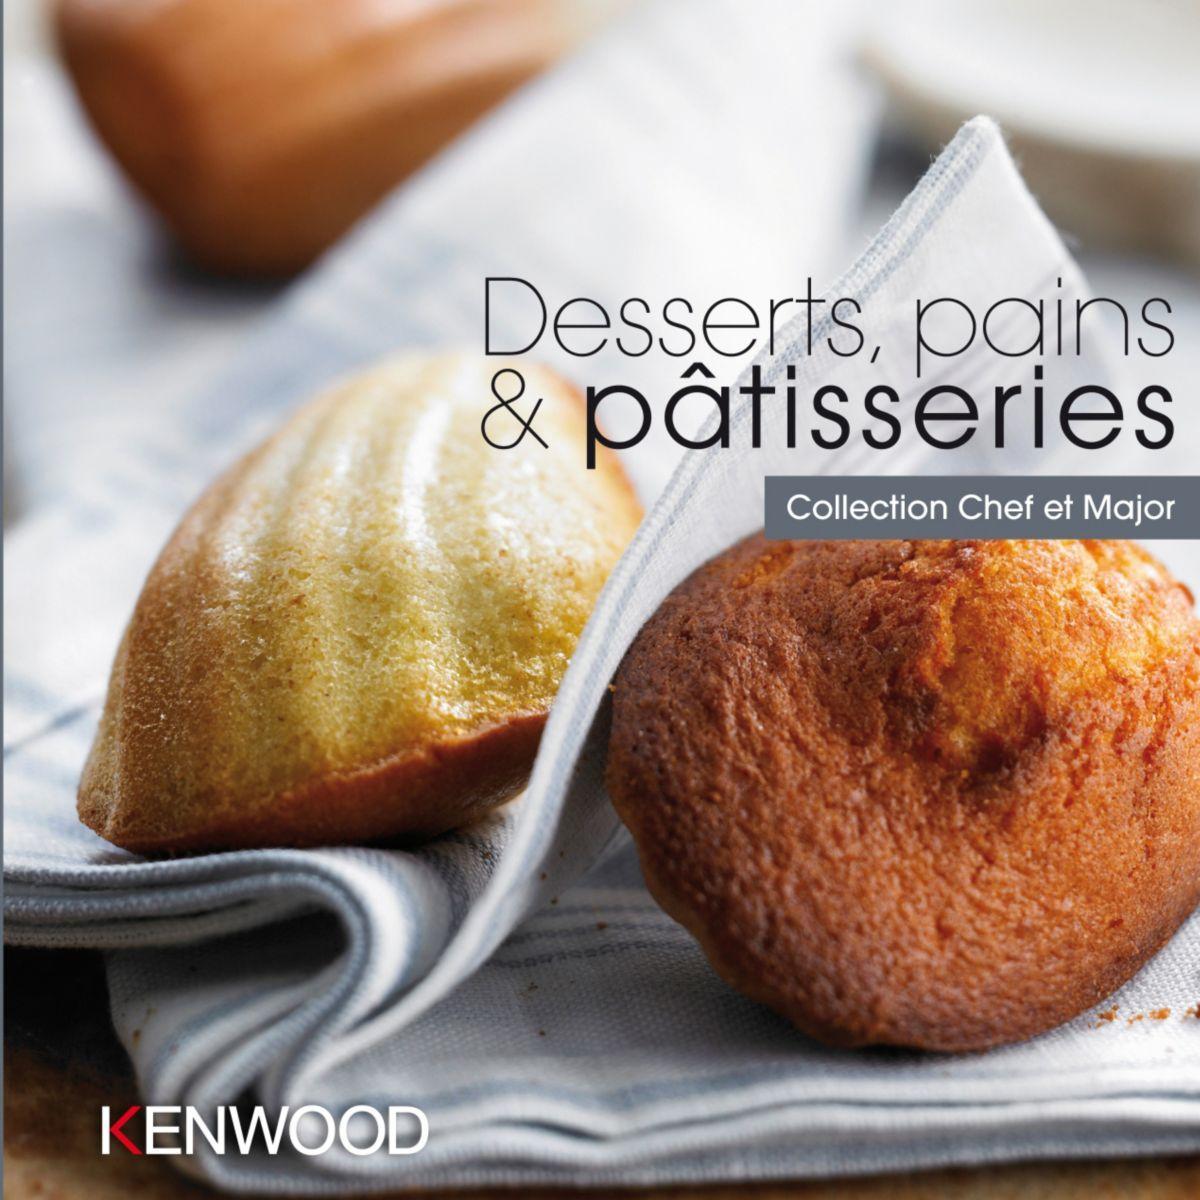 Livre de cuisine kenwood desserts, pains & p�tisseries - 20% de remise imm�diate avec le code : deal20 (photo)